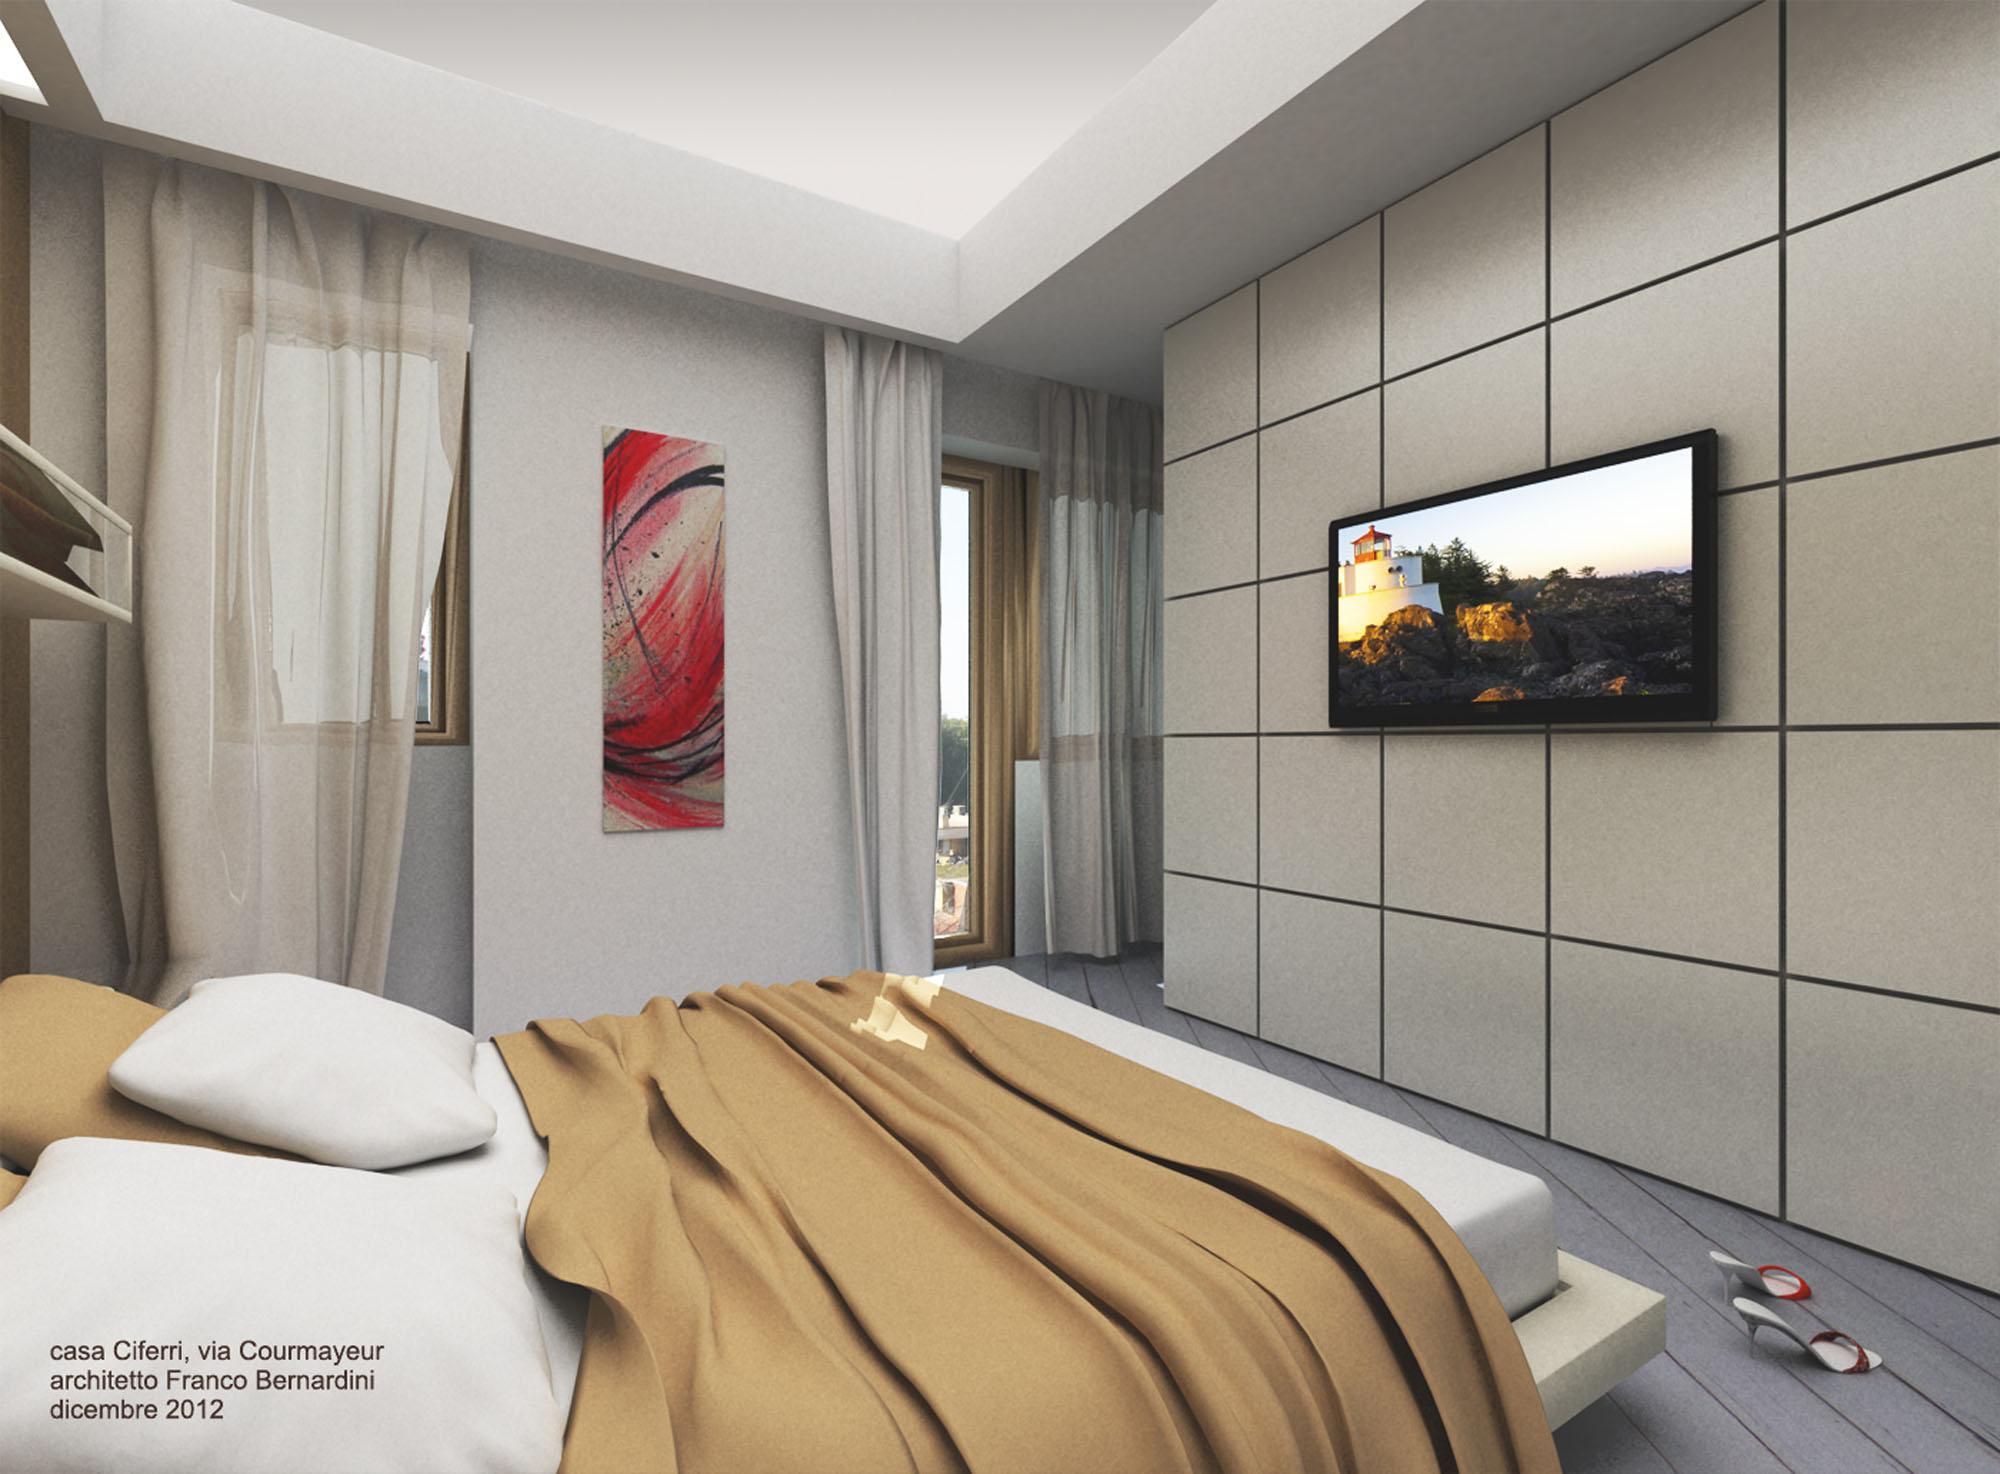 Bagni piccoli in camera da letto - Dimensioni minime bagno in camera ...